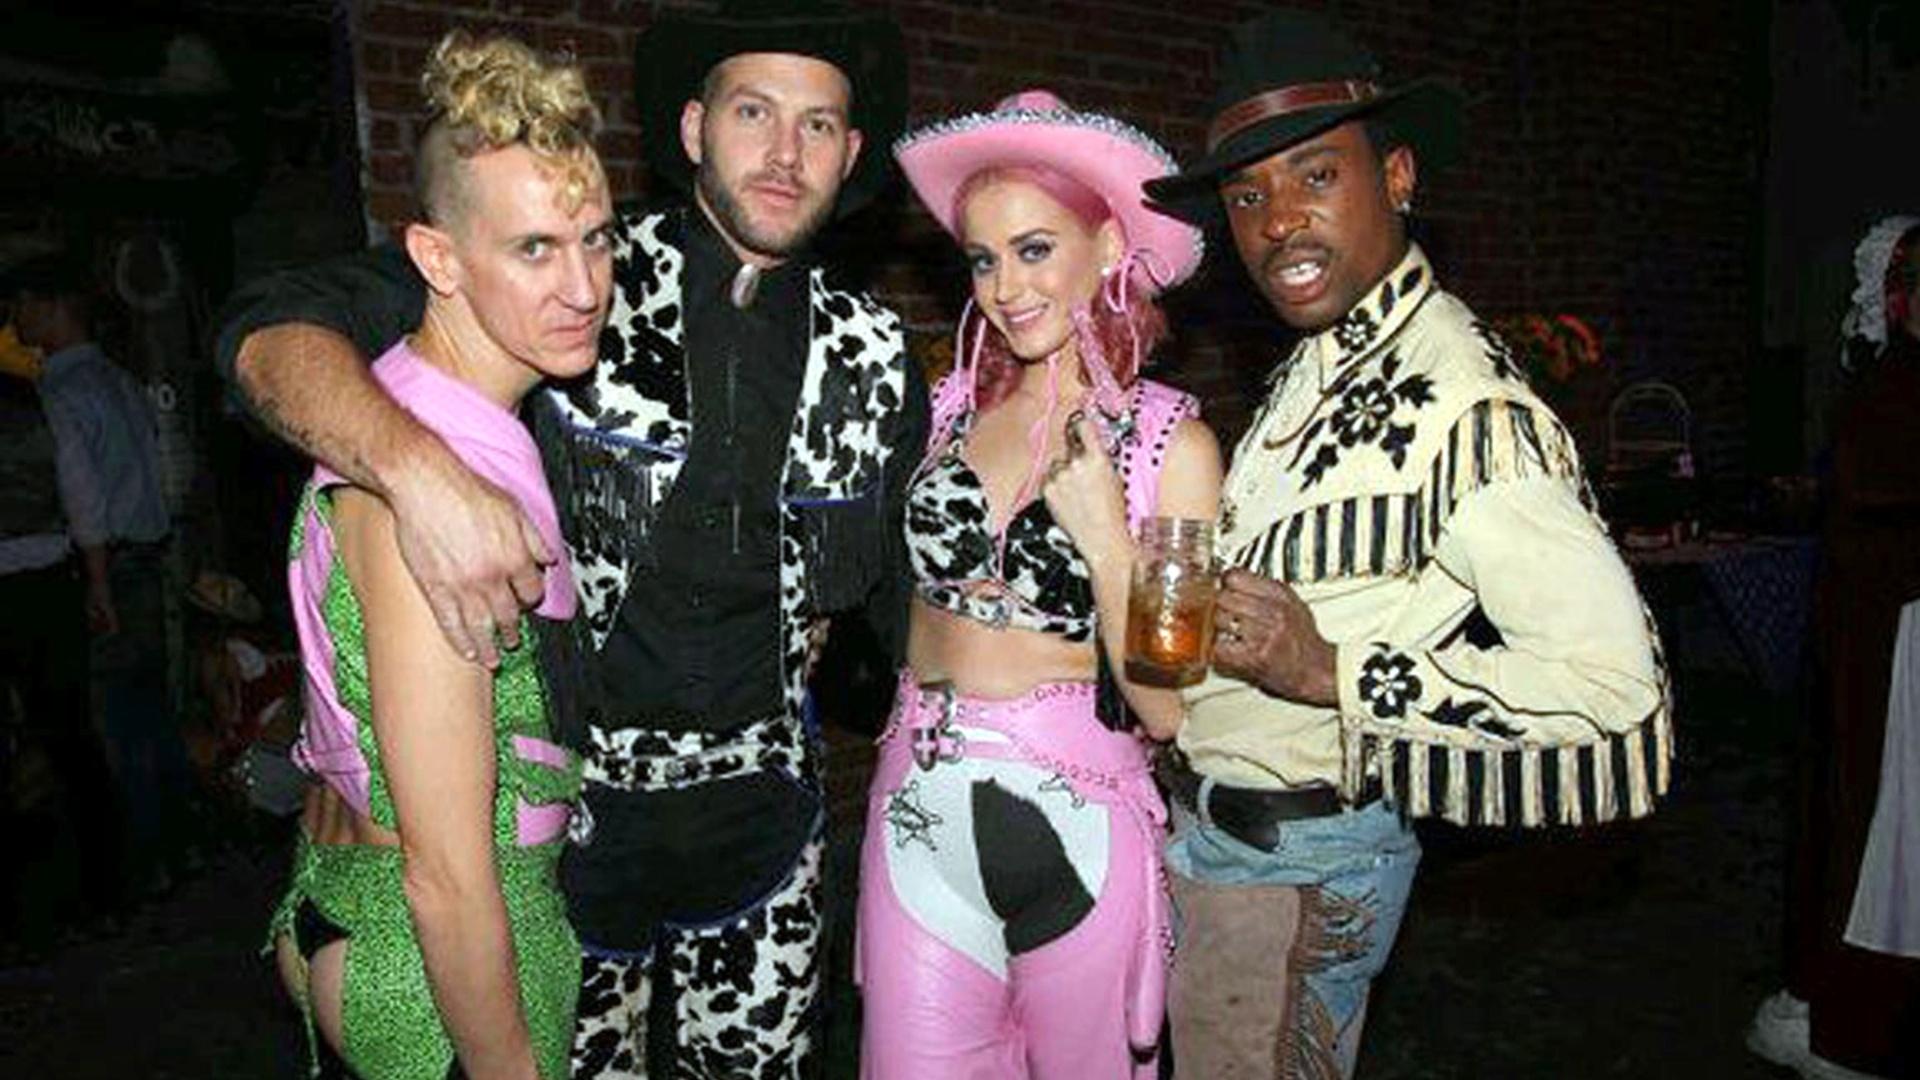 Katy Perry aparece vestida com roupa rosa de vaqueira do Velho Oeste em foto com amigos, em Los Angeles